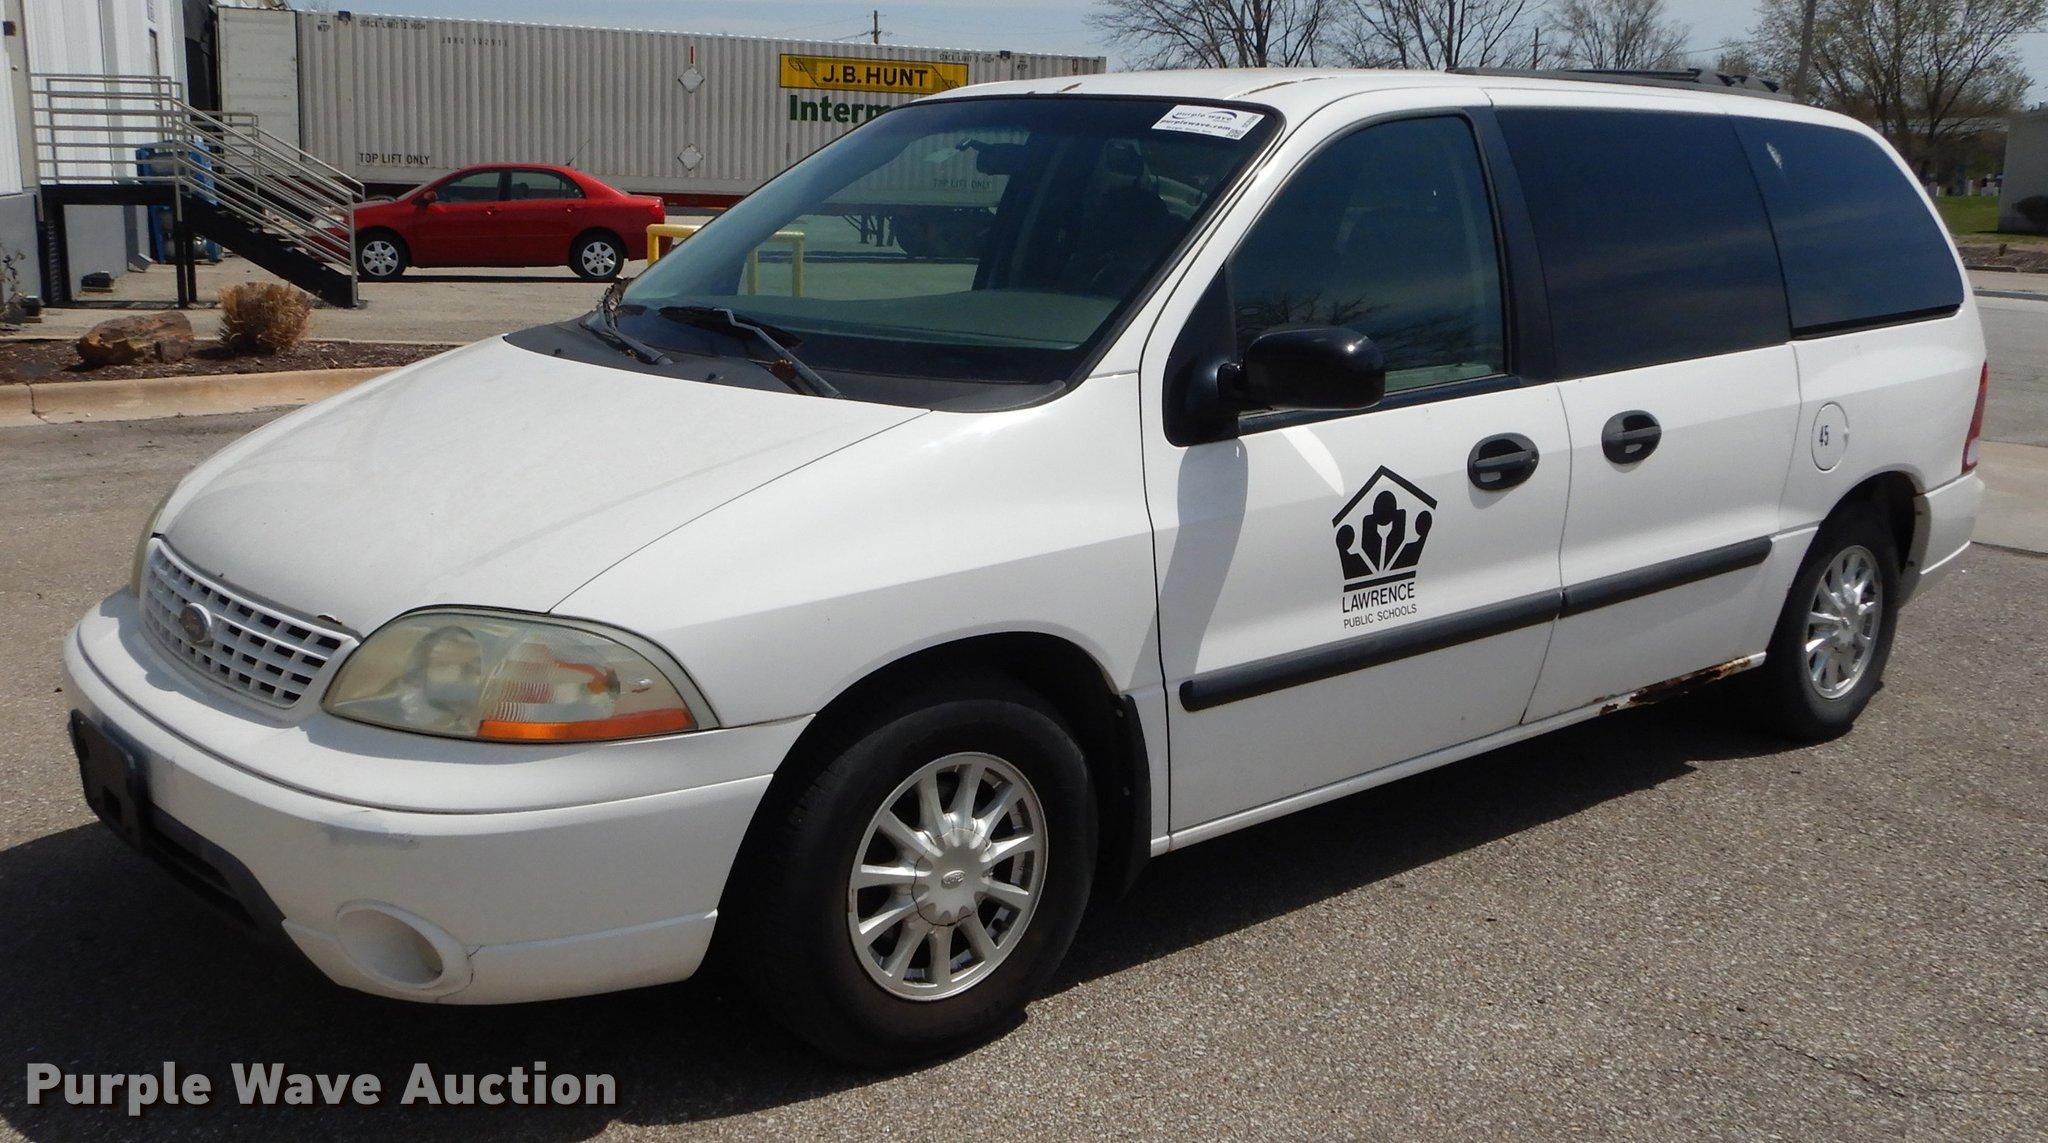 2002 ford windstar lx van in lawrence ks item dc0386 sold purple wave 2002 ford windstar lx van in lawrence